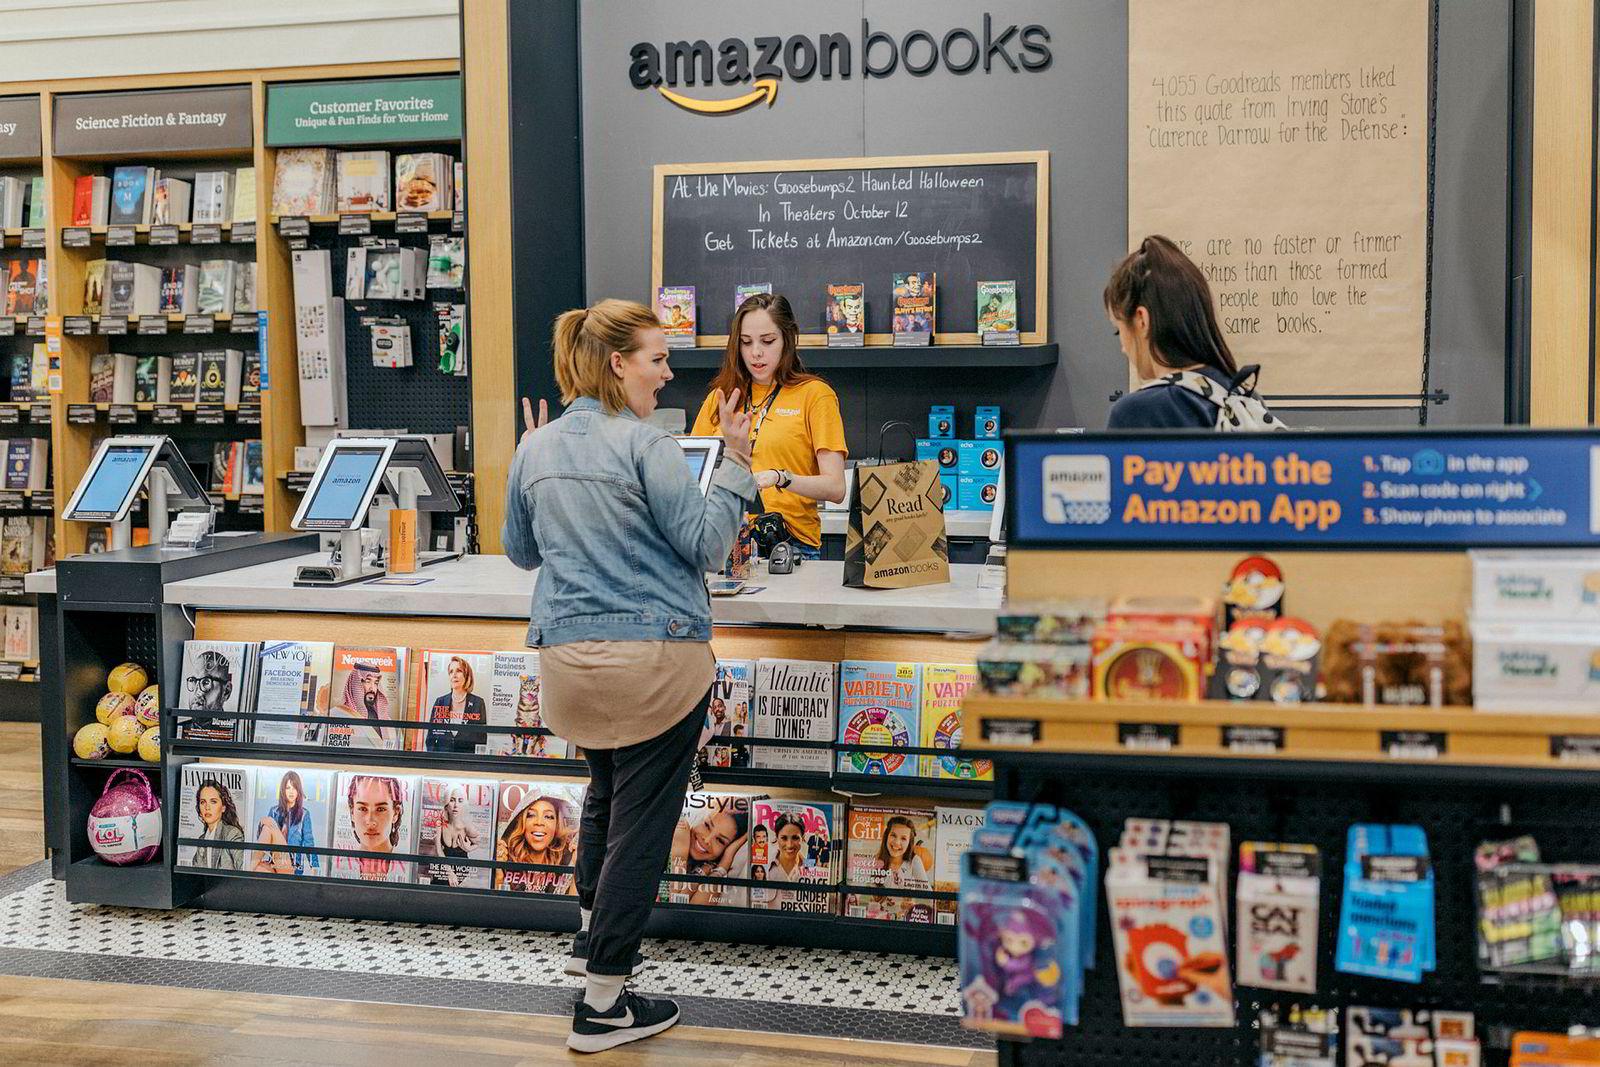 Hos Amazon Books kan kundene enten betale på forhånd, skanne boken og ta med ut av butikken – eller betale i kassen på vanlig måte. De neste årene kommer AmazonGo-kiosker over hele USA uten kasseapparater.